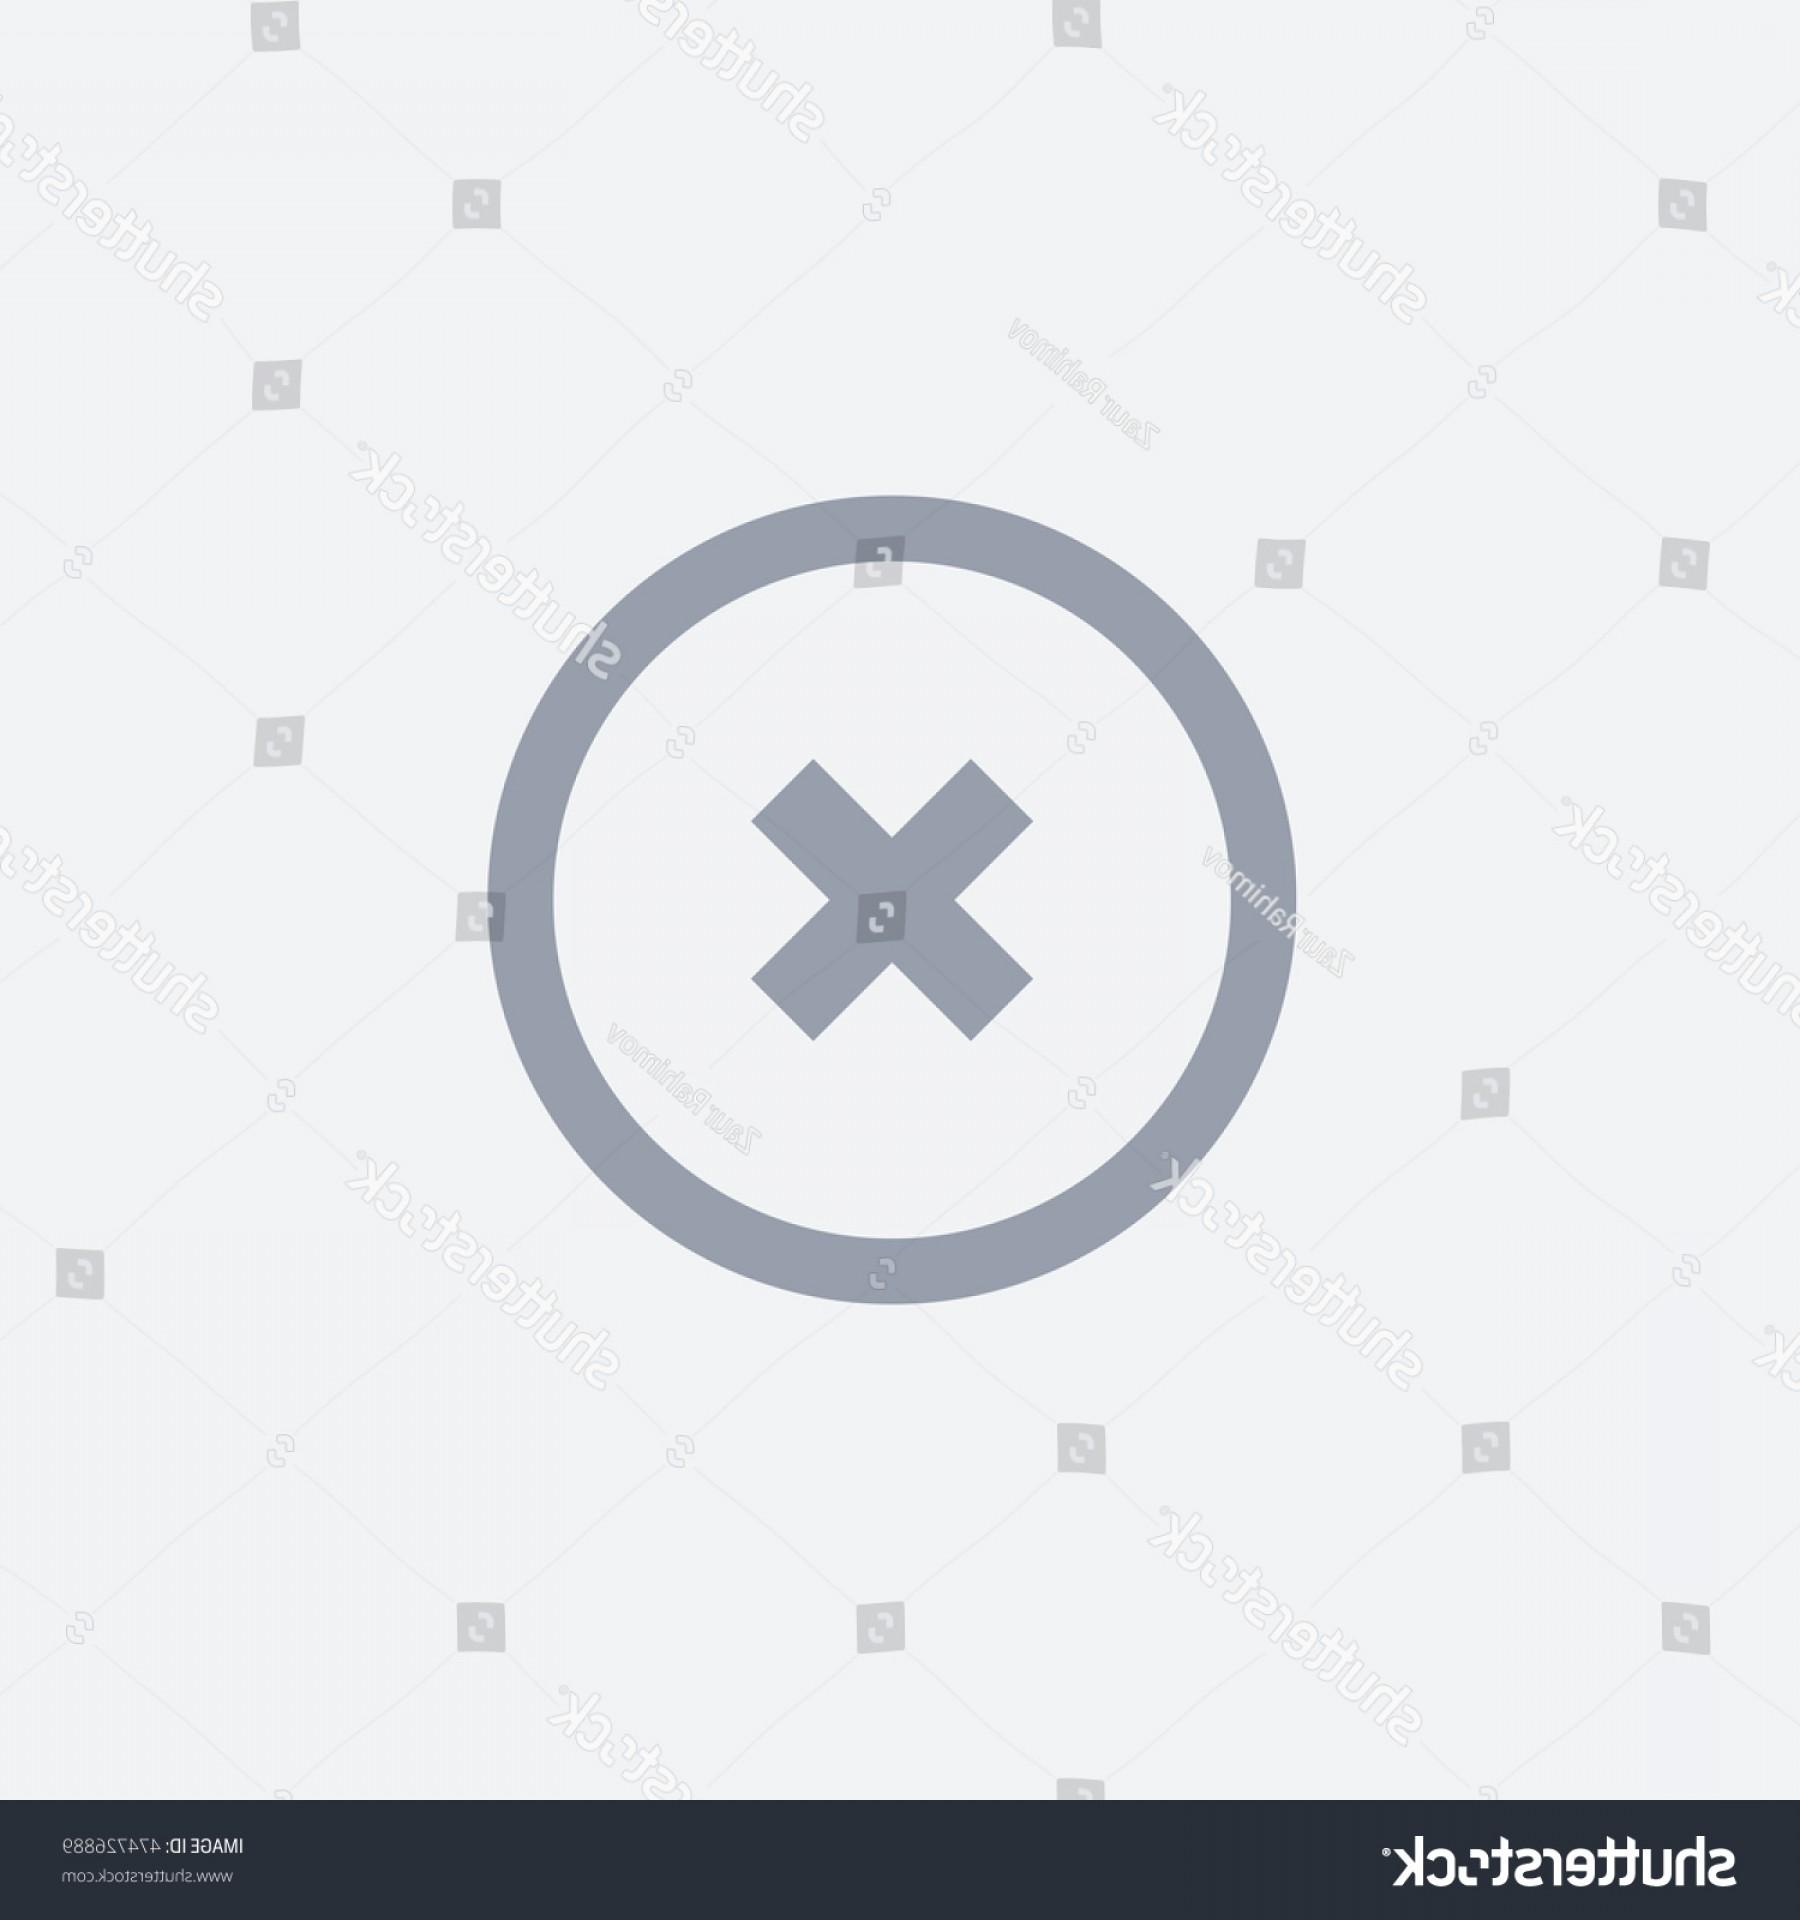 1800x1920 Tumblr Close Delete Icon Vector Button Shopatcloth